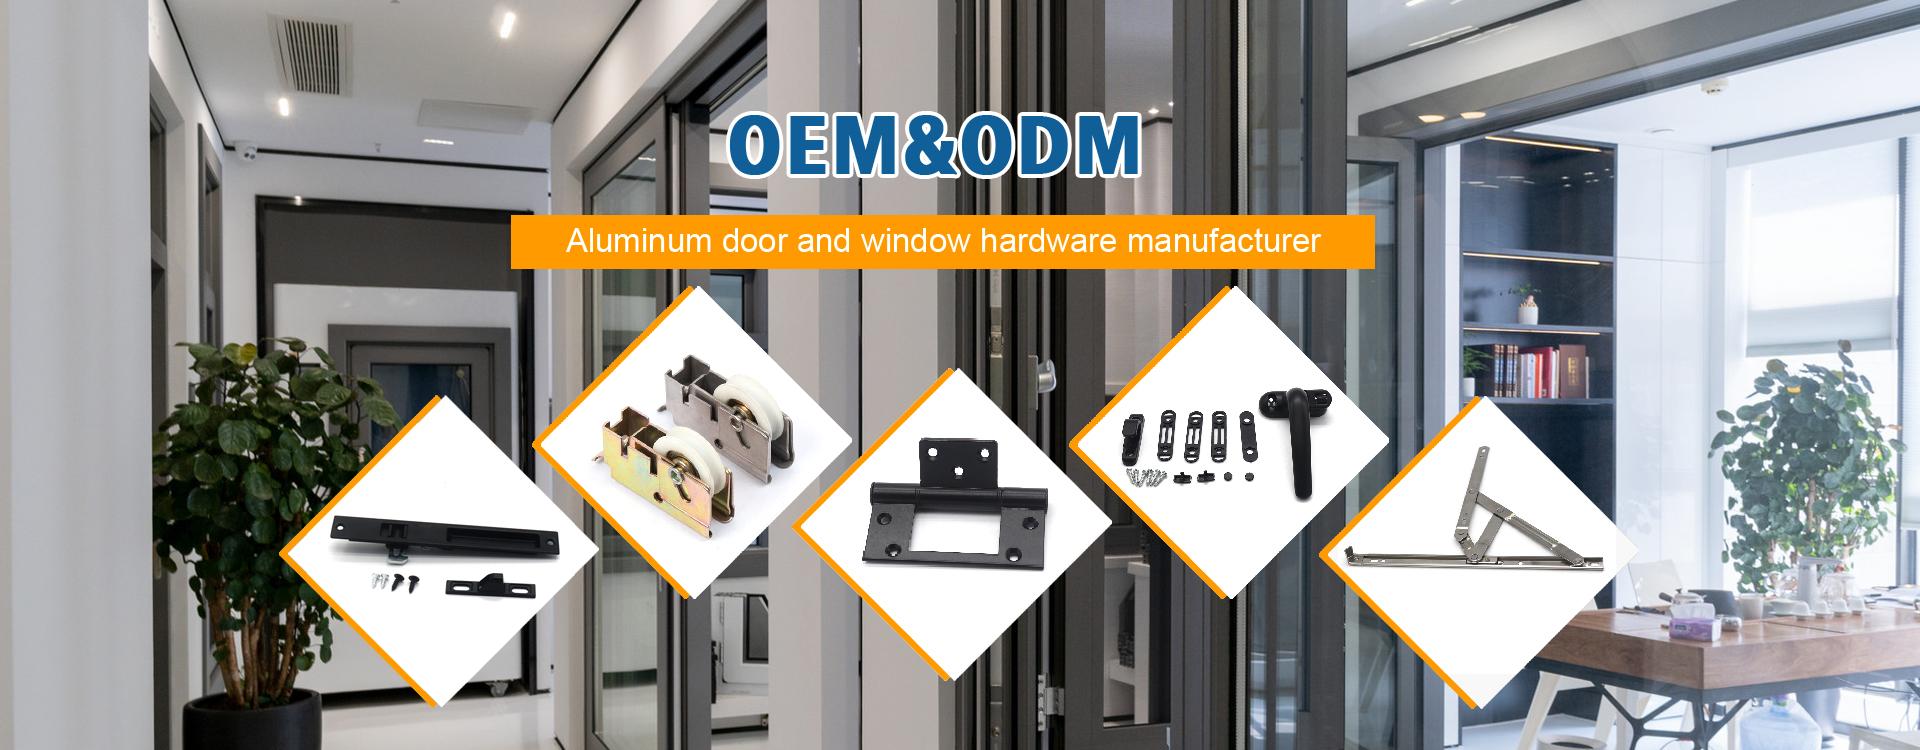 Perangkat Keras Jendela Dan Pintu Aluminium